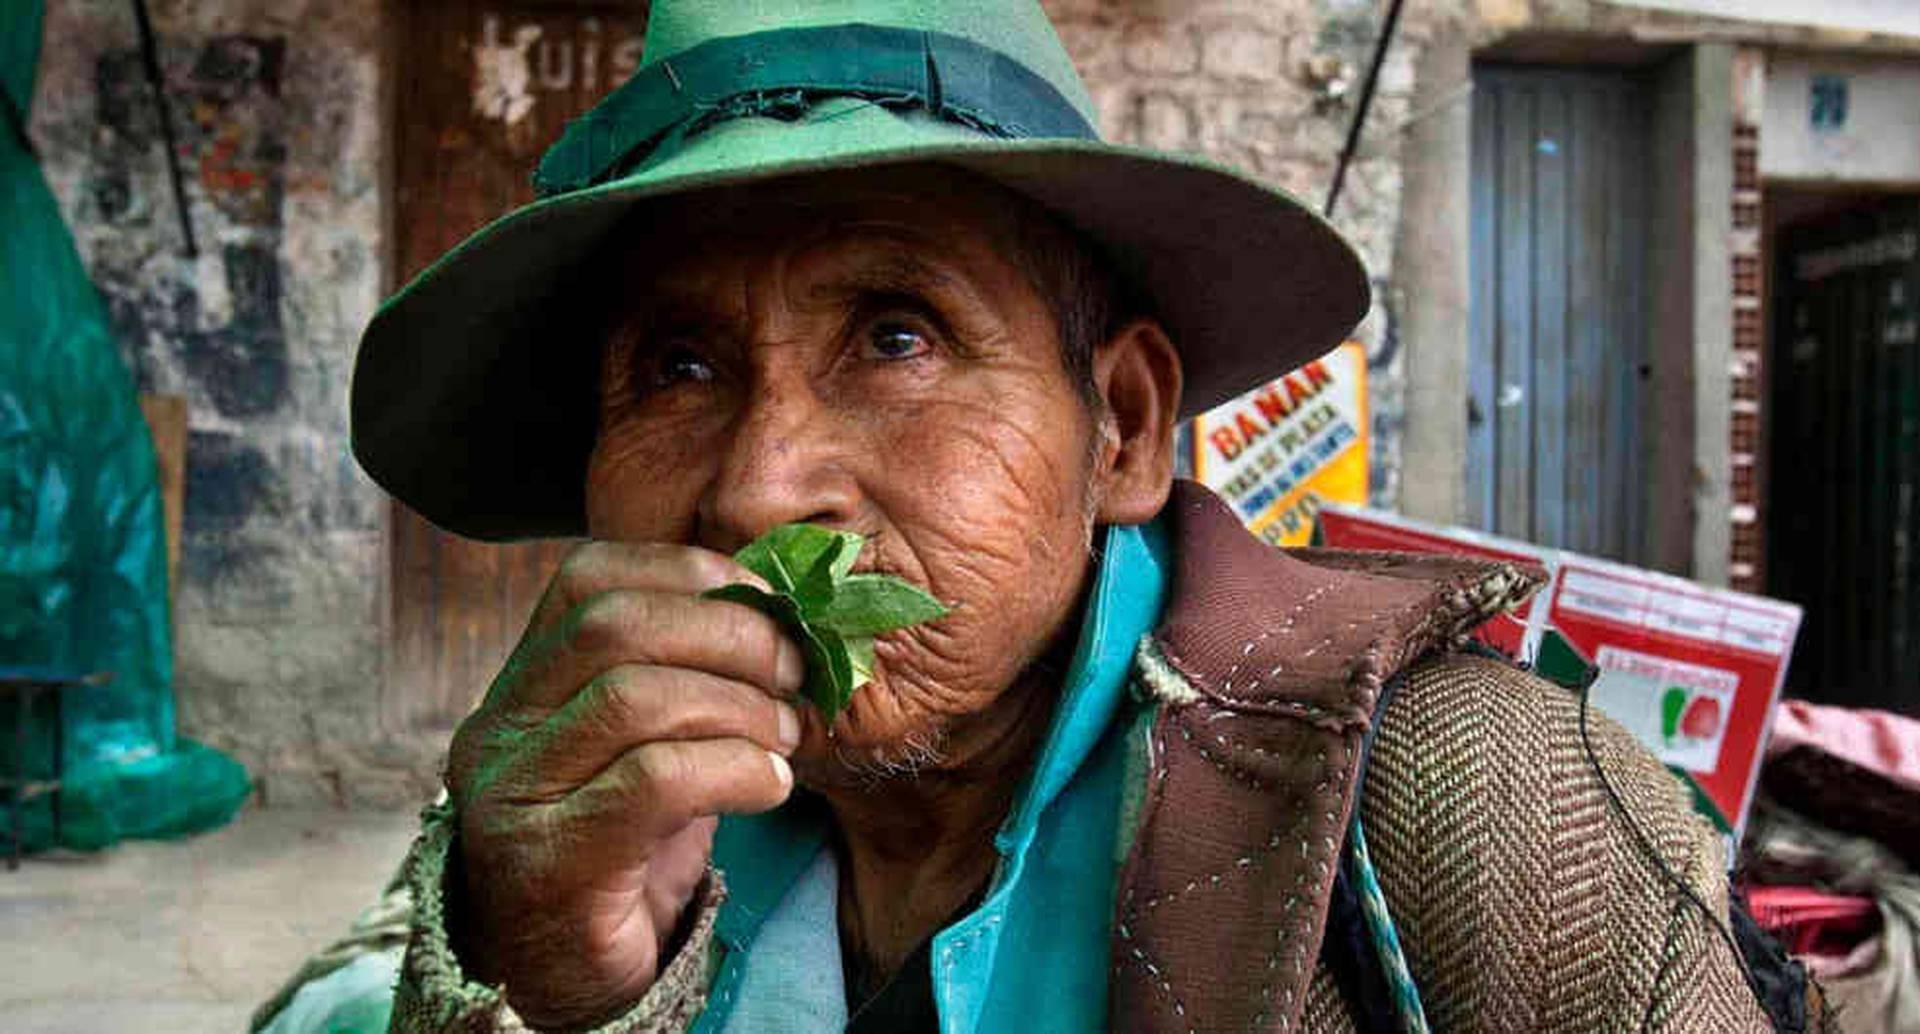 El fotógrafo chileno Carlos Villalón lleva más de diez años recorriendo las problemática y contradictoria ruta de la coca en América. Foto: Carlos Villalón.